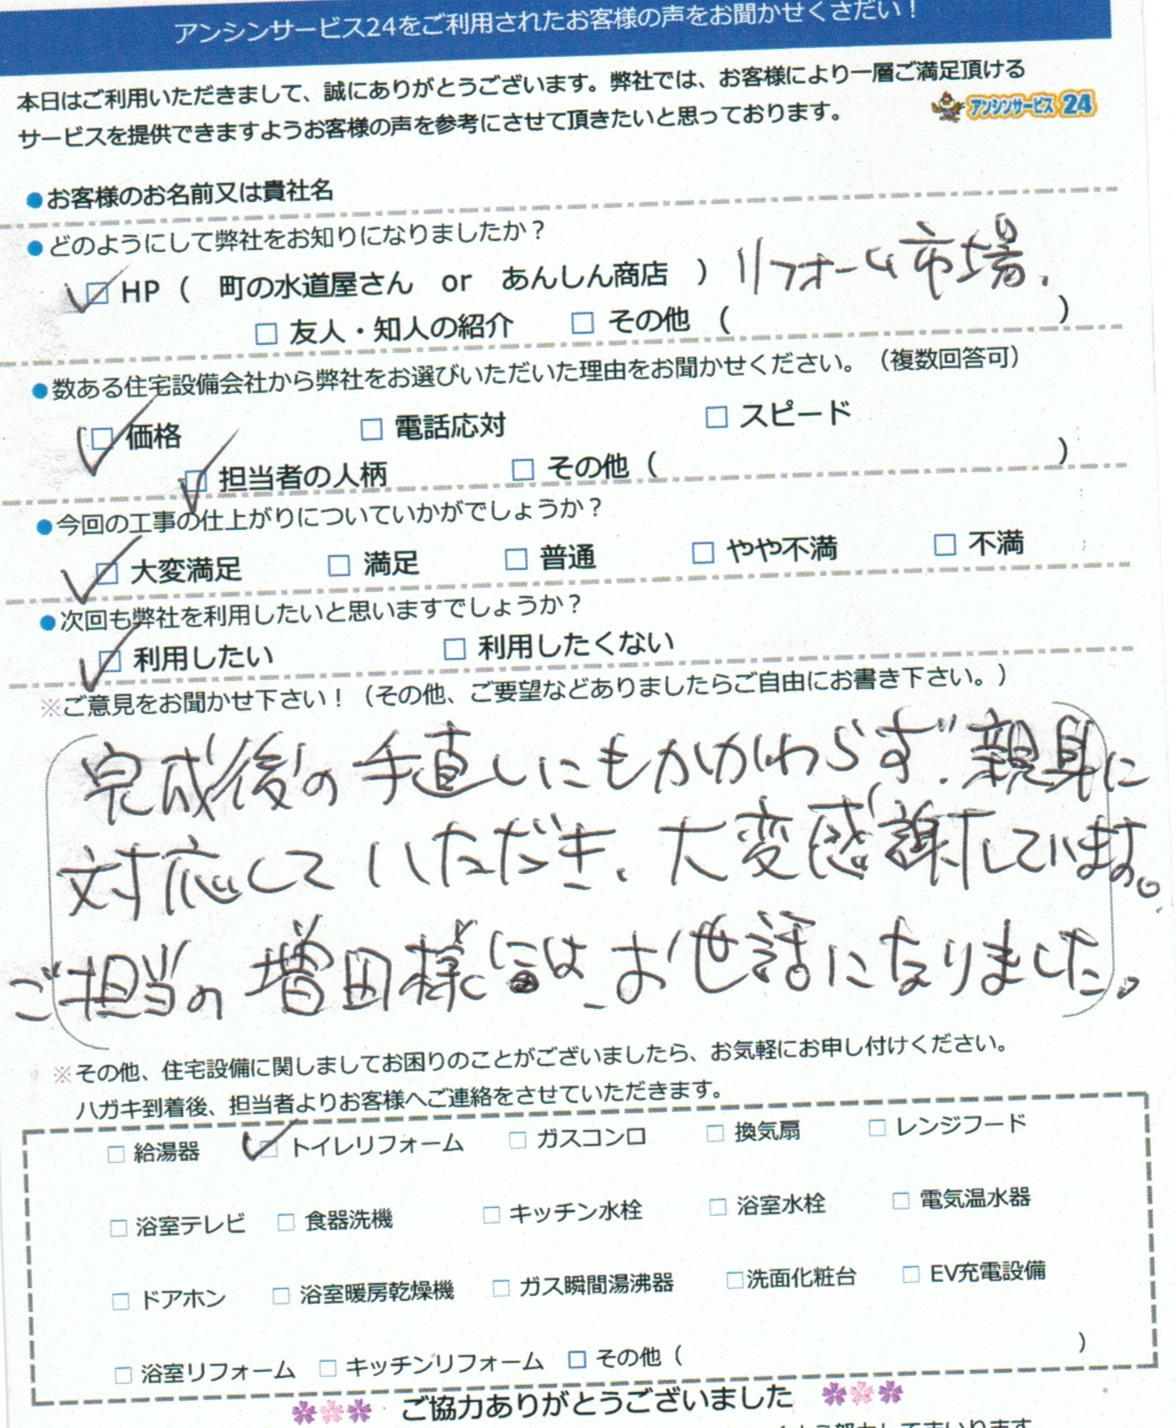 【ハガキ】岐阜市トイレリフォーム工事お客様の声【アンシンサービス24】